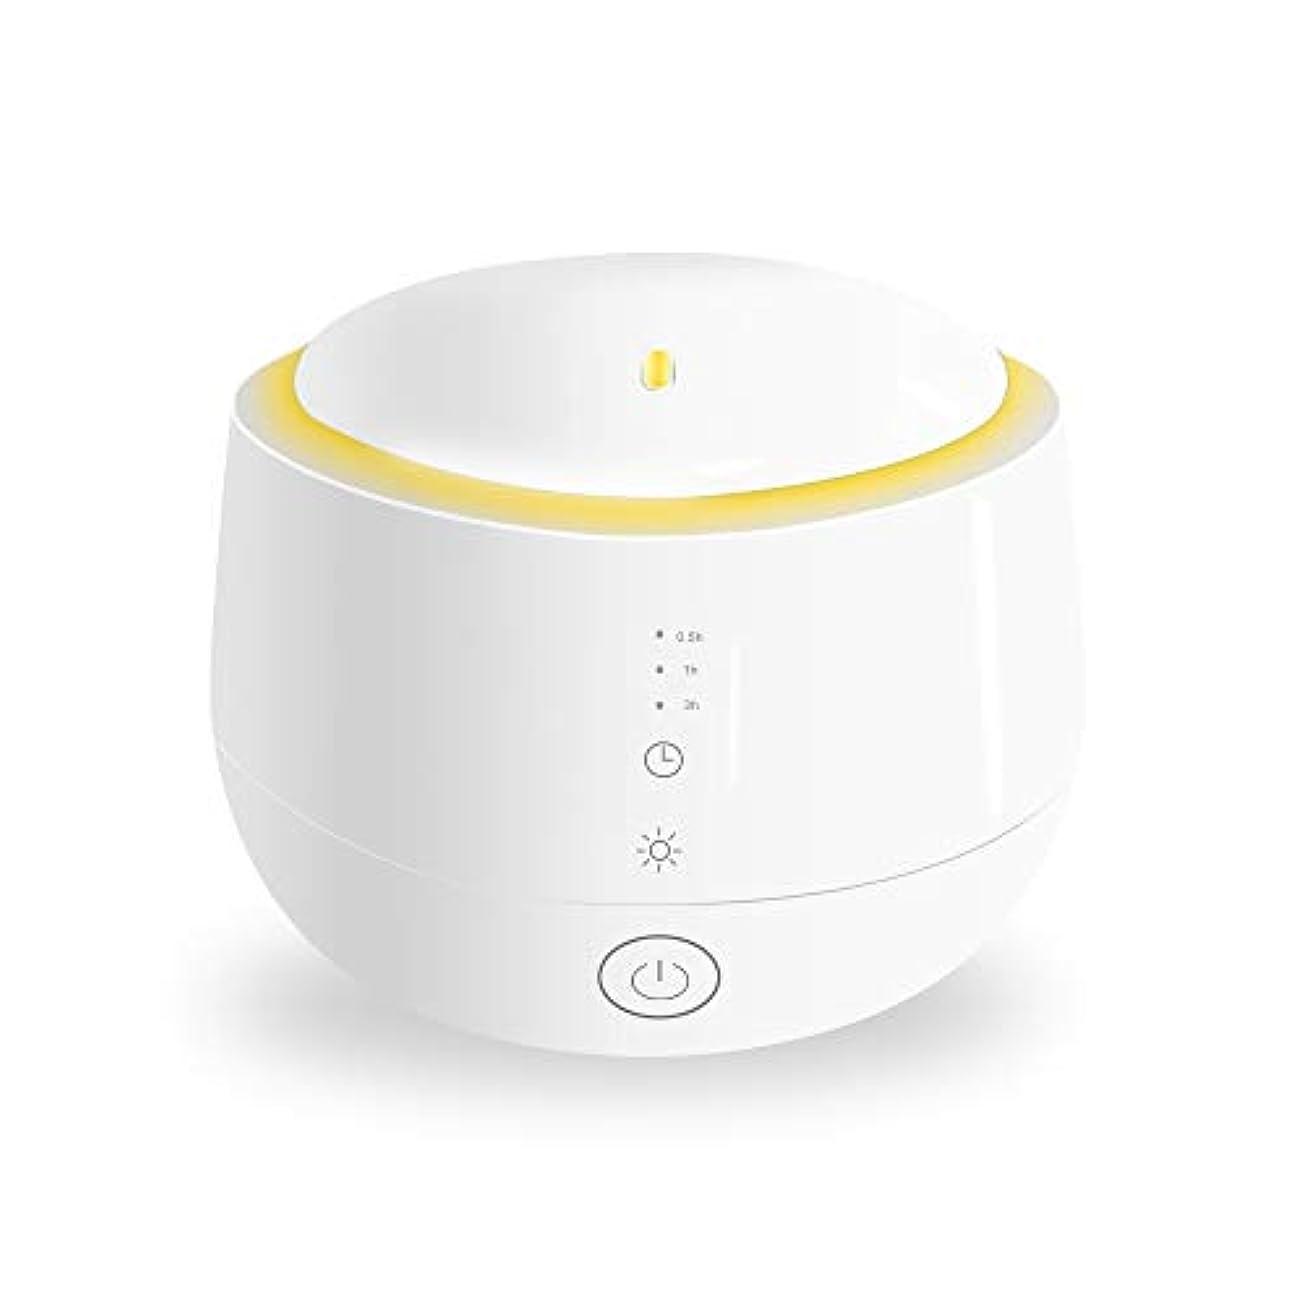 再び暴露する革命Smiler+ 超音波式 アロマディフューザー 加湿器 ムードランプ 大容量 ガラスカバー 空焚き防止機能搭載 変色LED付き 低騒音 時間設定